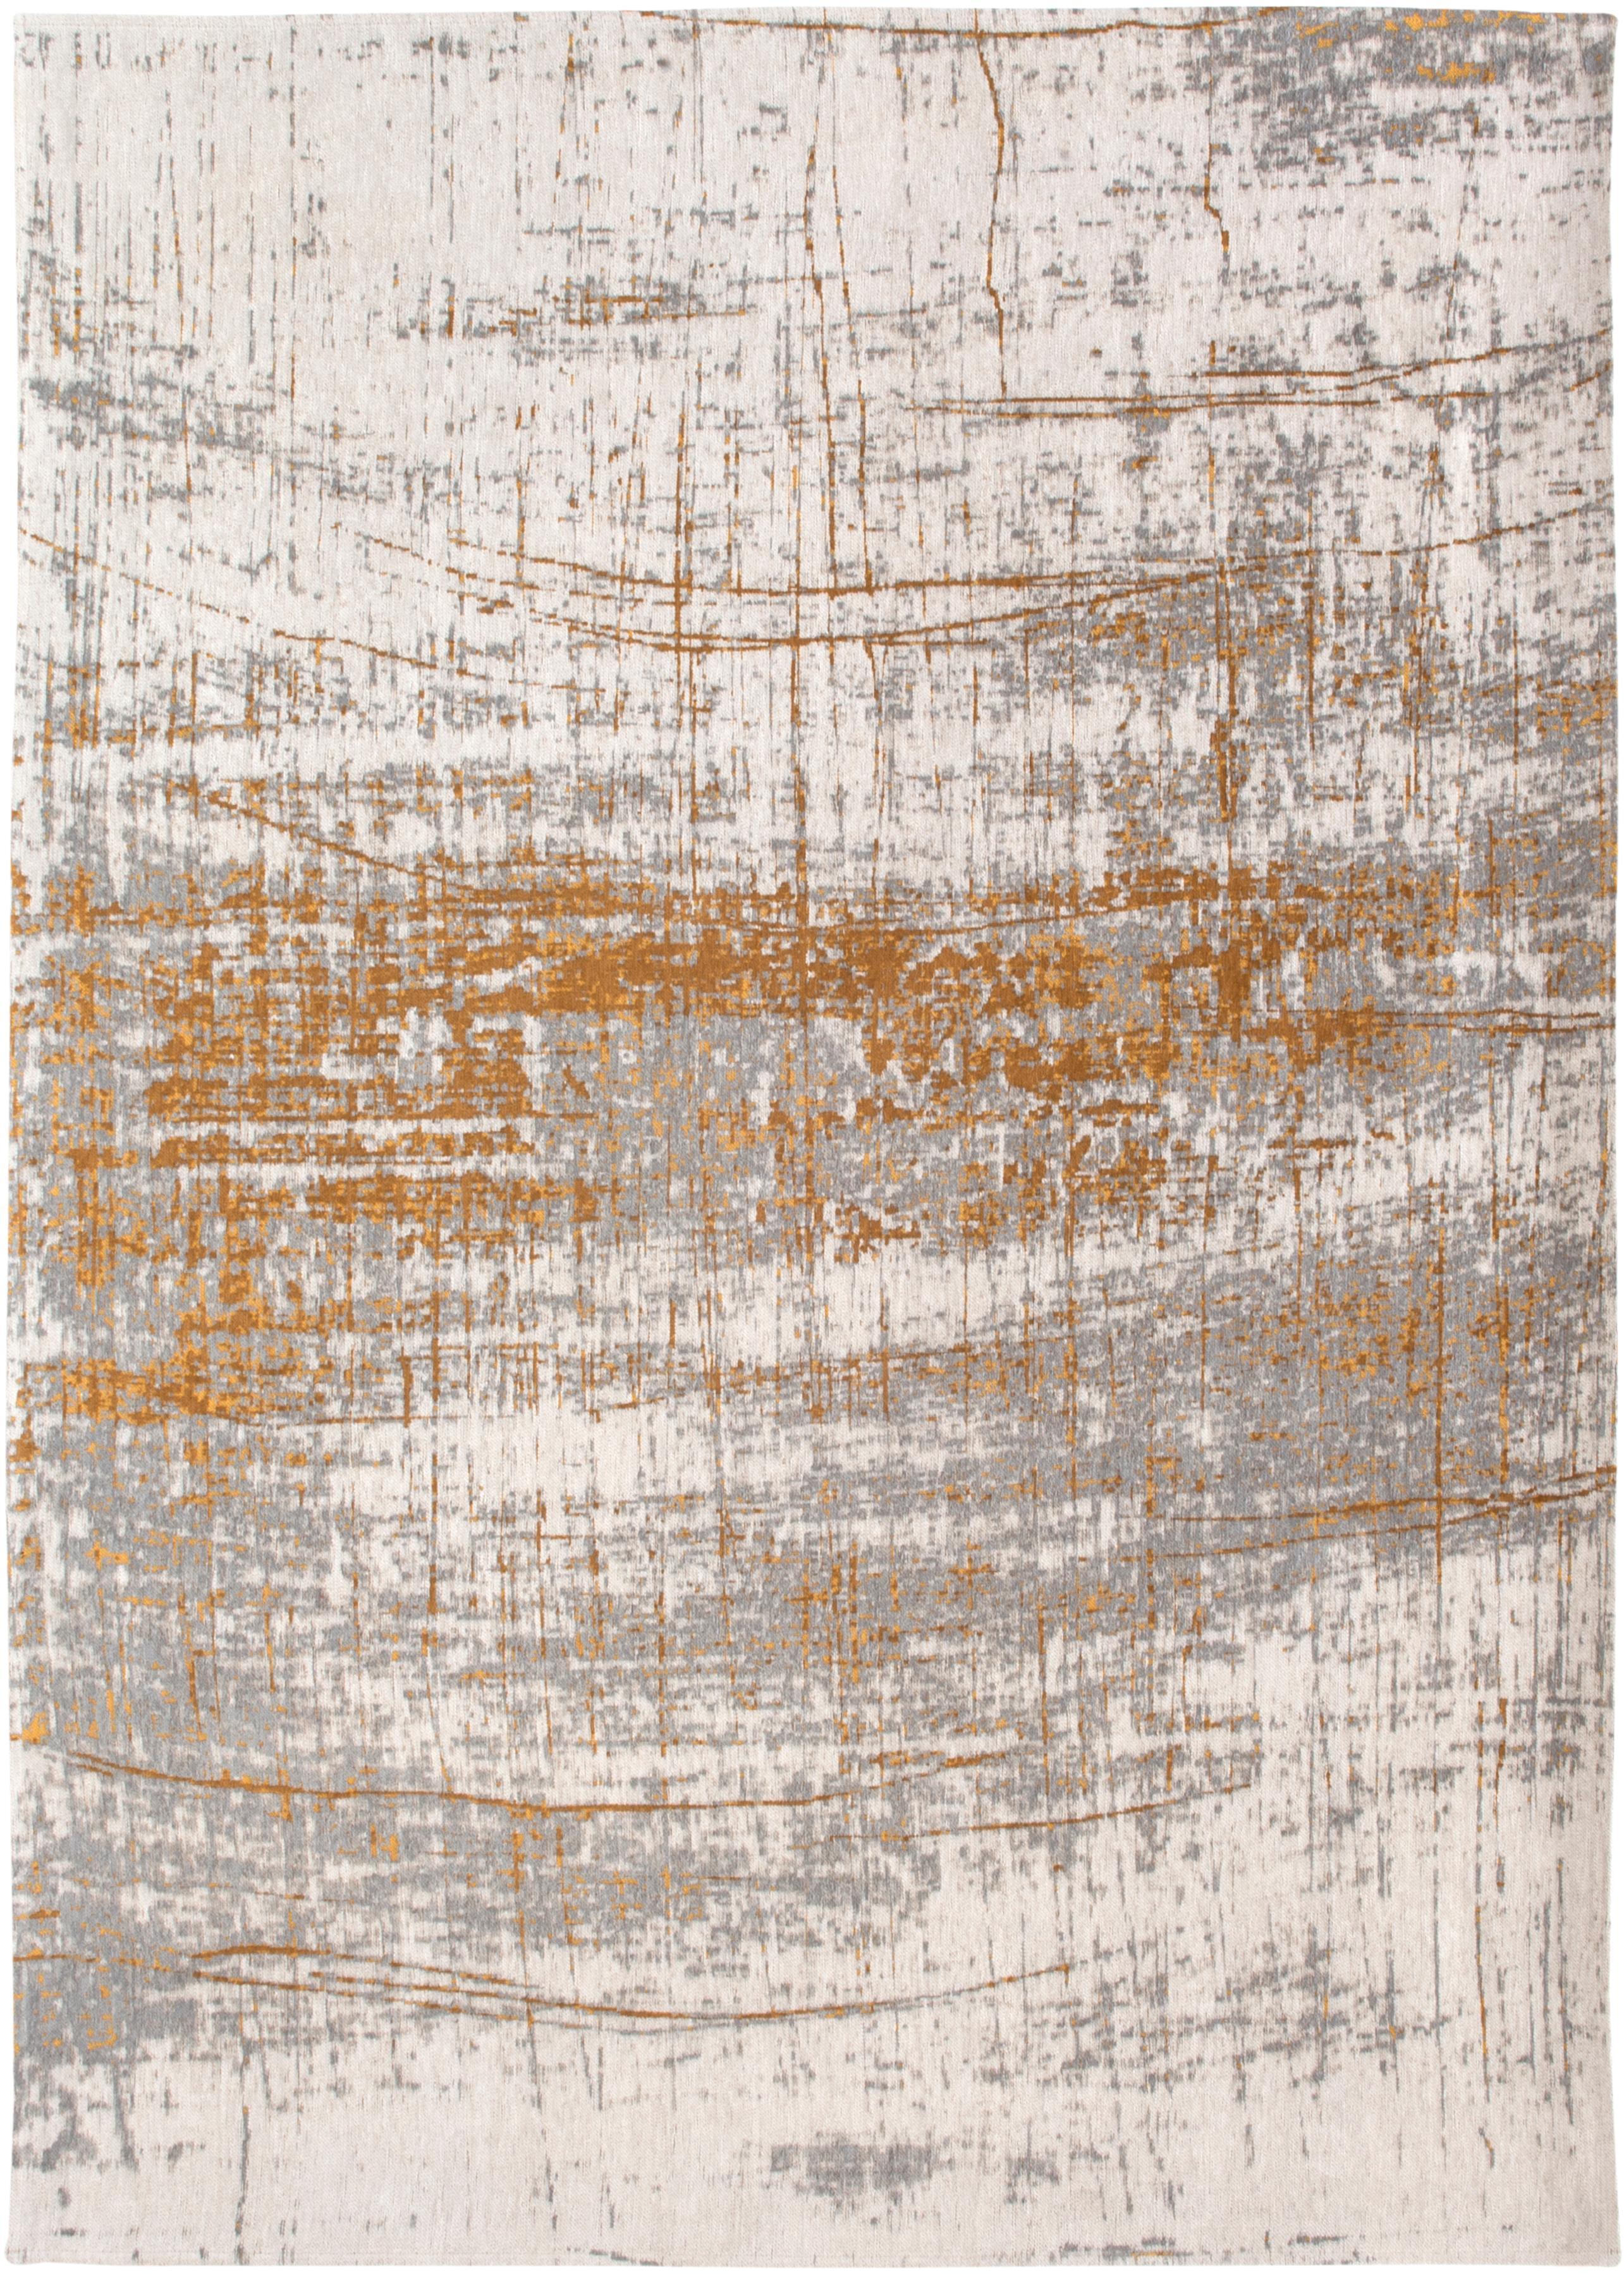 Teppich Griff, Vorderseite: 85%Baumwolle, 15%hochgl, Webart: Jacquard, Rückseite: Baumwollgemisch, latexbes, Grau, Goldfarben, Weiß, B 170 x L 240 cm (Größe M)